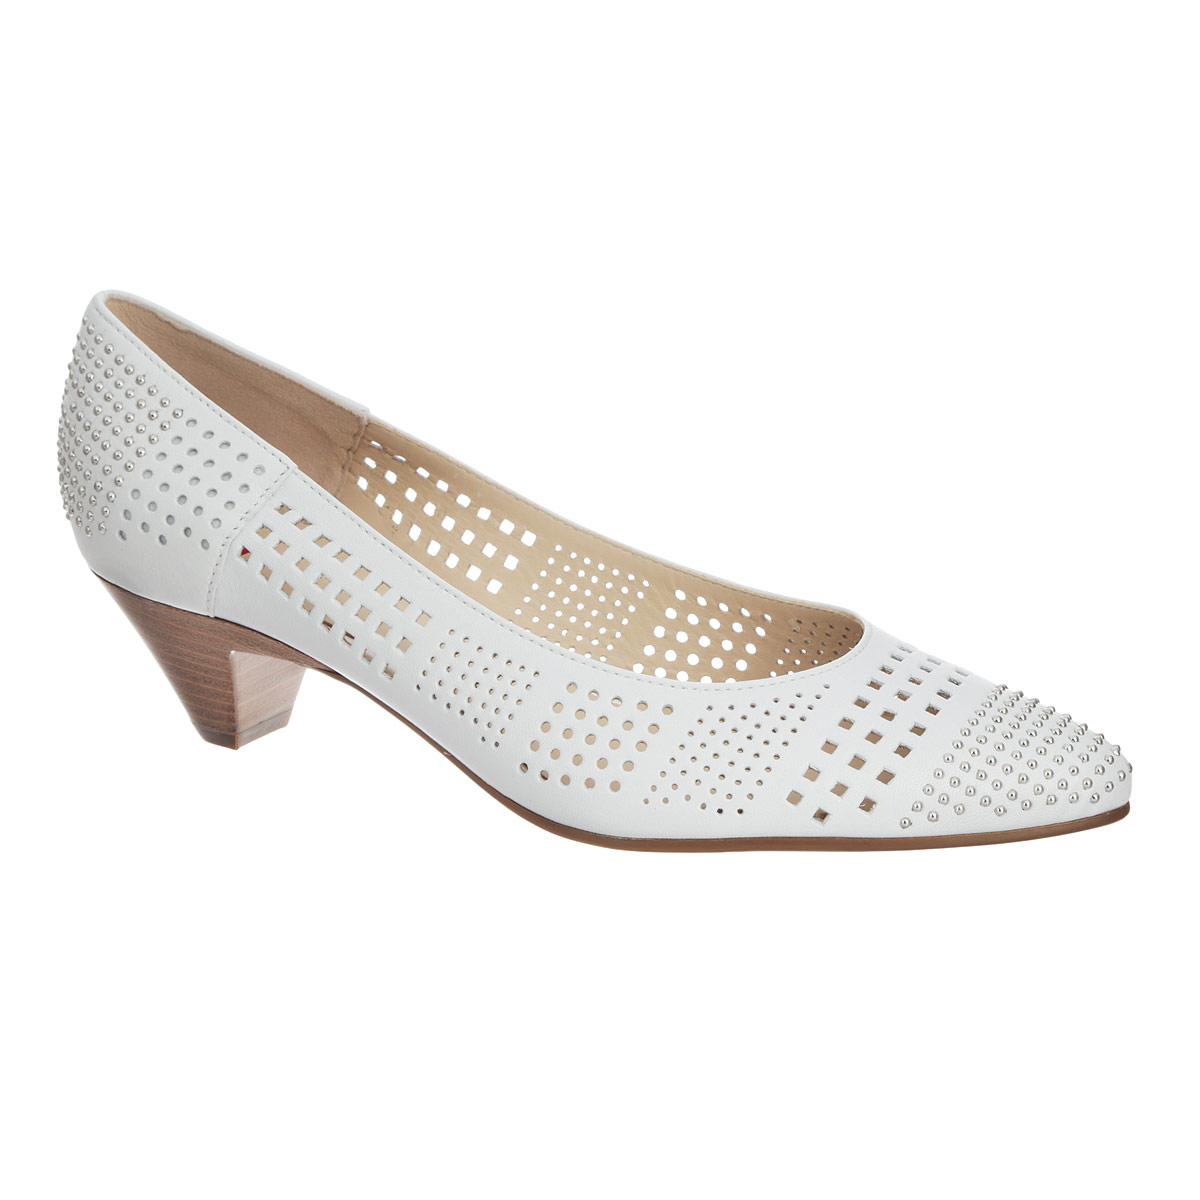 Туфли женские. 9103850020091038500200Ультрамодные туфли в стиле рок от Hogl не оставят вас равнодушной! Модель выполнена из натуральной высококачественной кожи и оформлена металлическими бусинами на мысе и на заднике. Заостренный, чуть вытянутый носок смотрится женственно. Перфорация обеспечивает отличную вентиляцию, позволяет вашим ногам дышать. Подкладка и стелька из натуральной кожи невероятно комфортны при ходьбе. Невысокий каблук, стилизованный под дерево, дополнен противоскользящим рифлением. В таких туфлях вашим ногам будет уютно и комфортно! Они подчеркнут ваш стиль и индивидуальность!